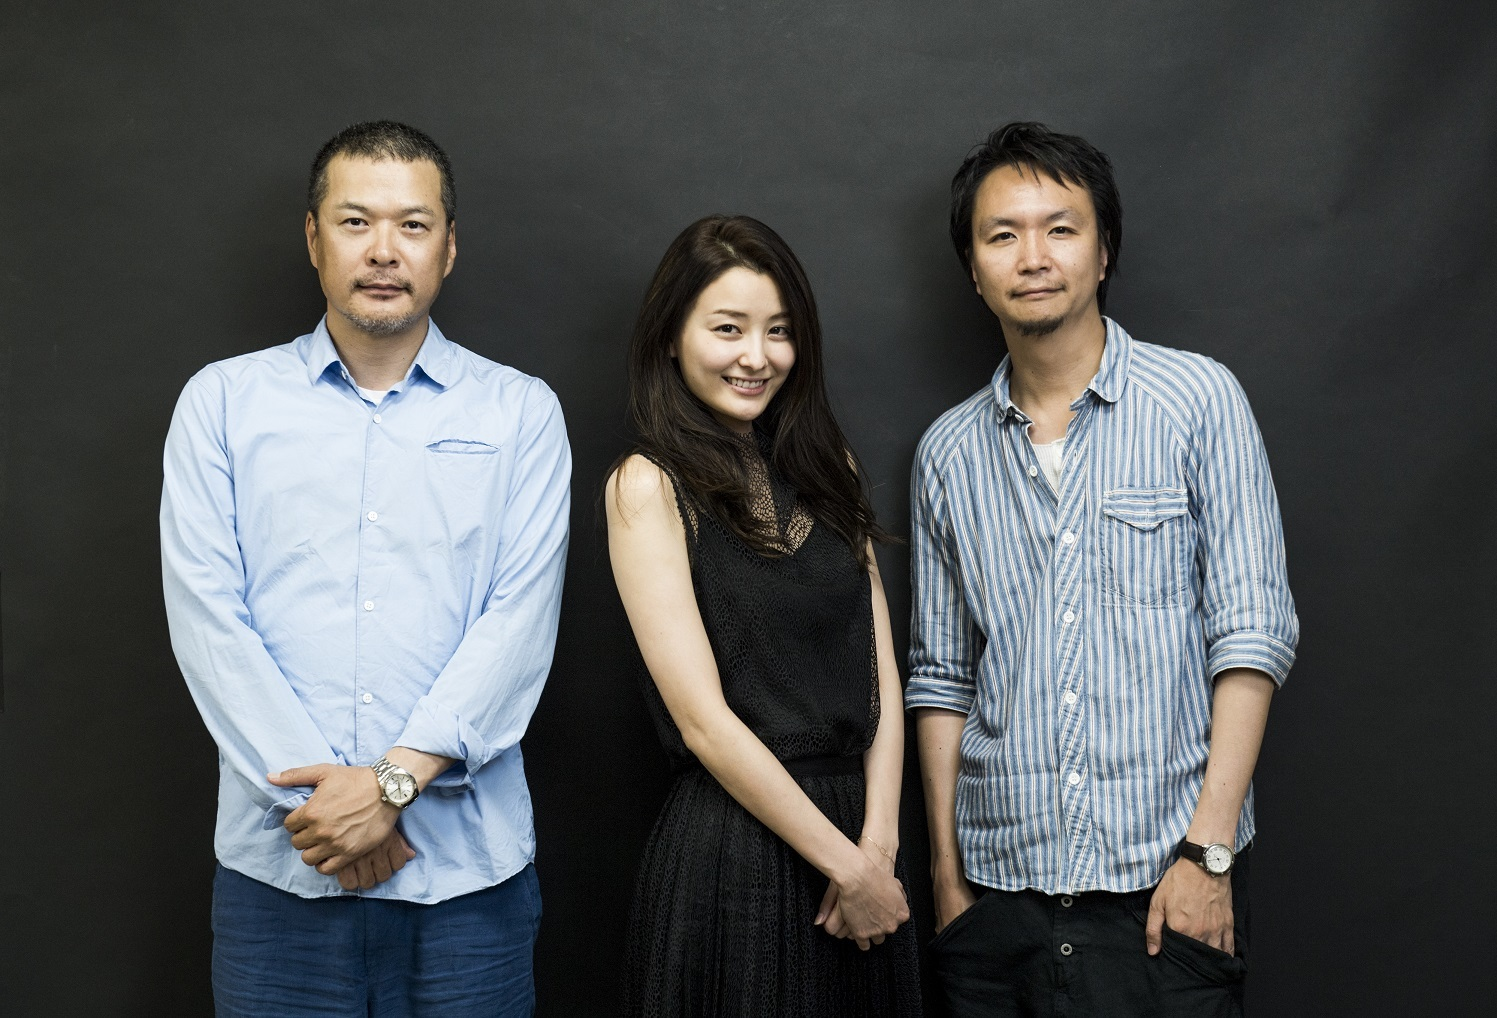 演出家・長塚圭史と夫婦役を演じる田中哲司と原田夏希が緊張感ただよう ...